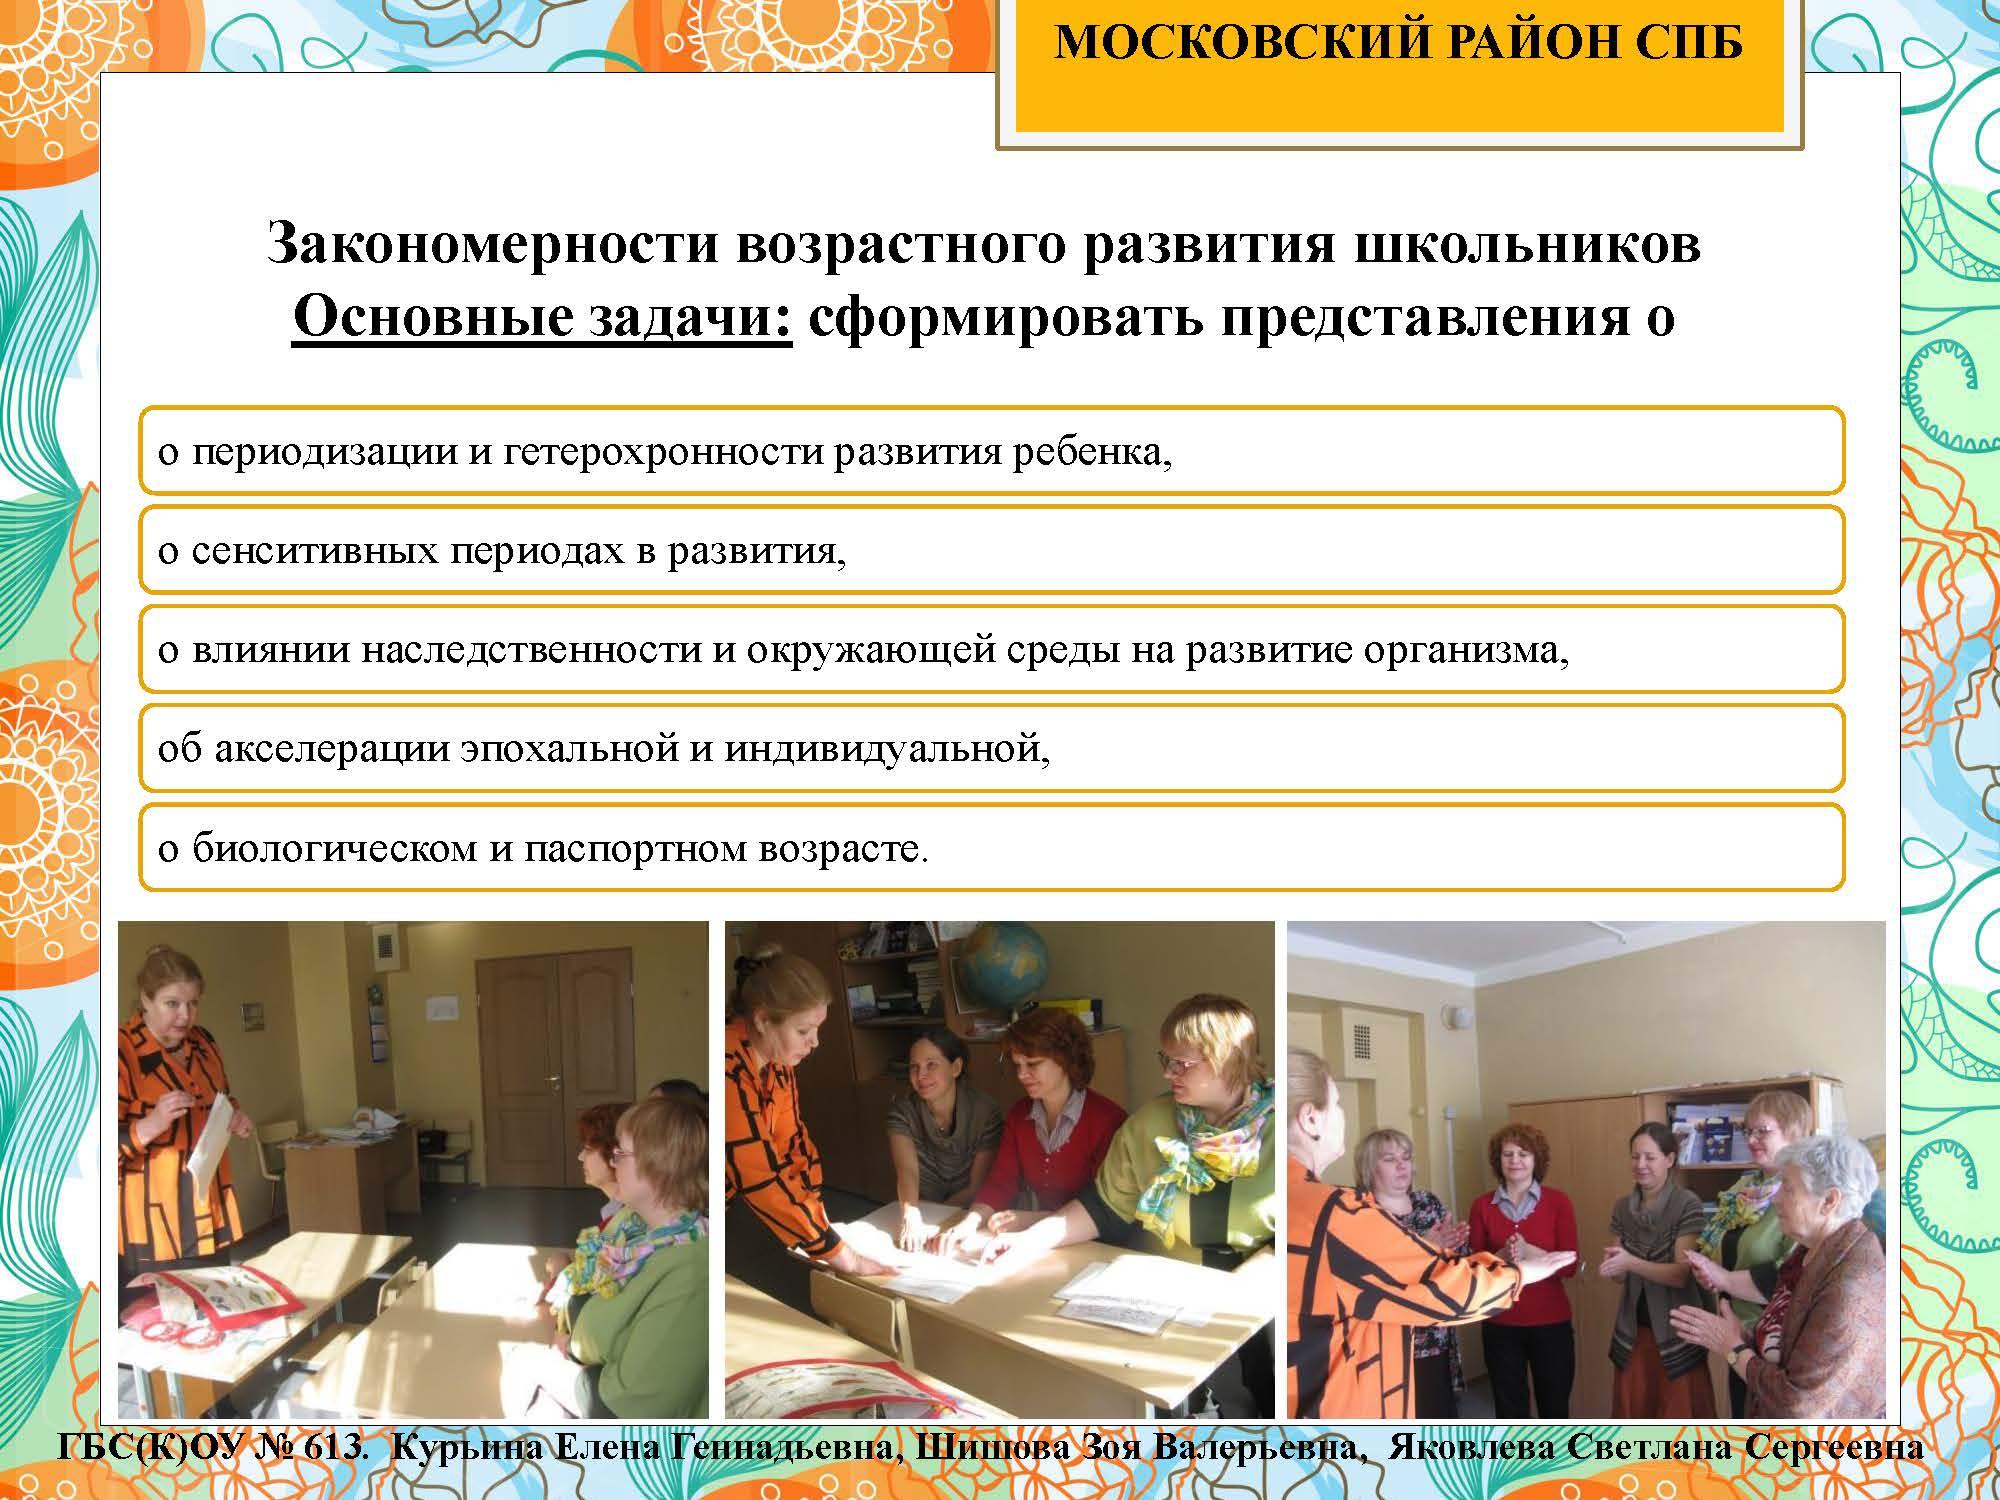 секция 8. ГБС(К)ОУ 613. Московский район_Страница_13